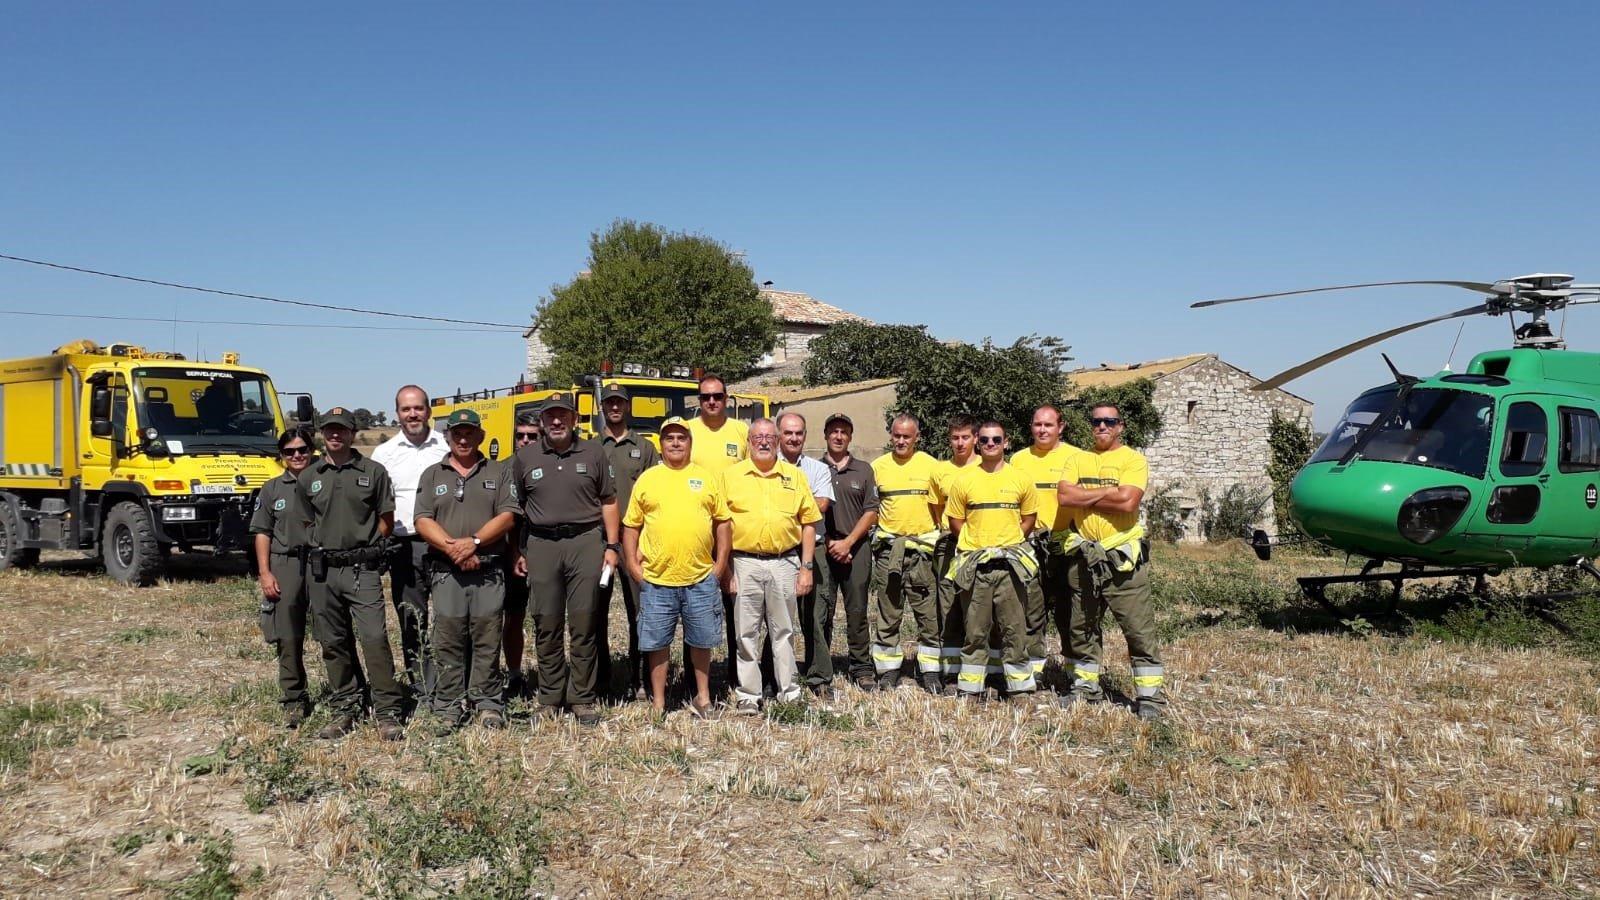 Agents Rurals, el Grup Especialitzat en Prevenció d'Incendis Forestals, Associacions de Defensa Forestal i pagesos han participat en aquesta campanya